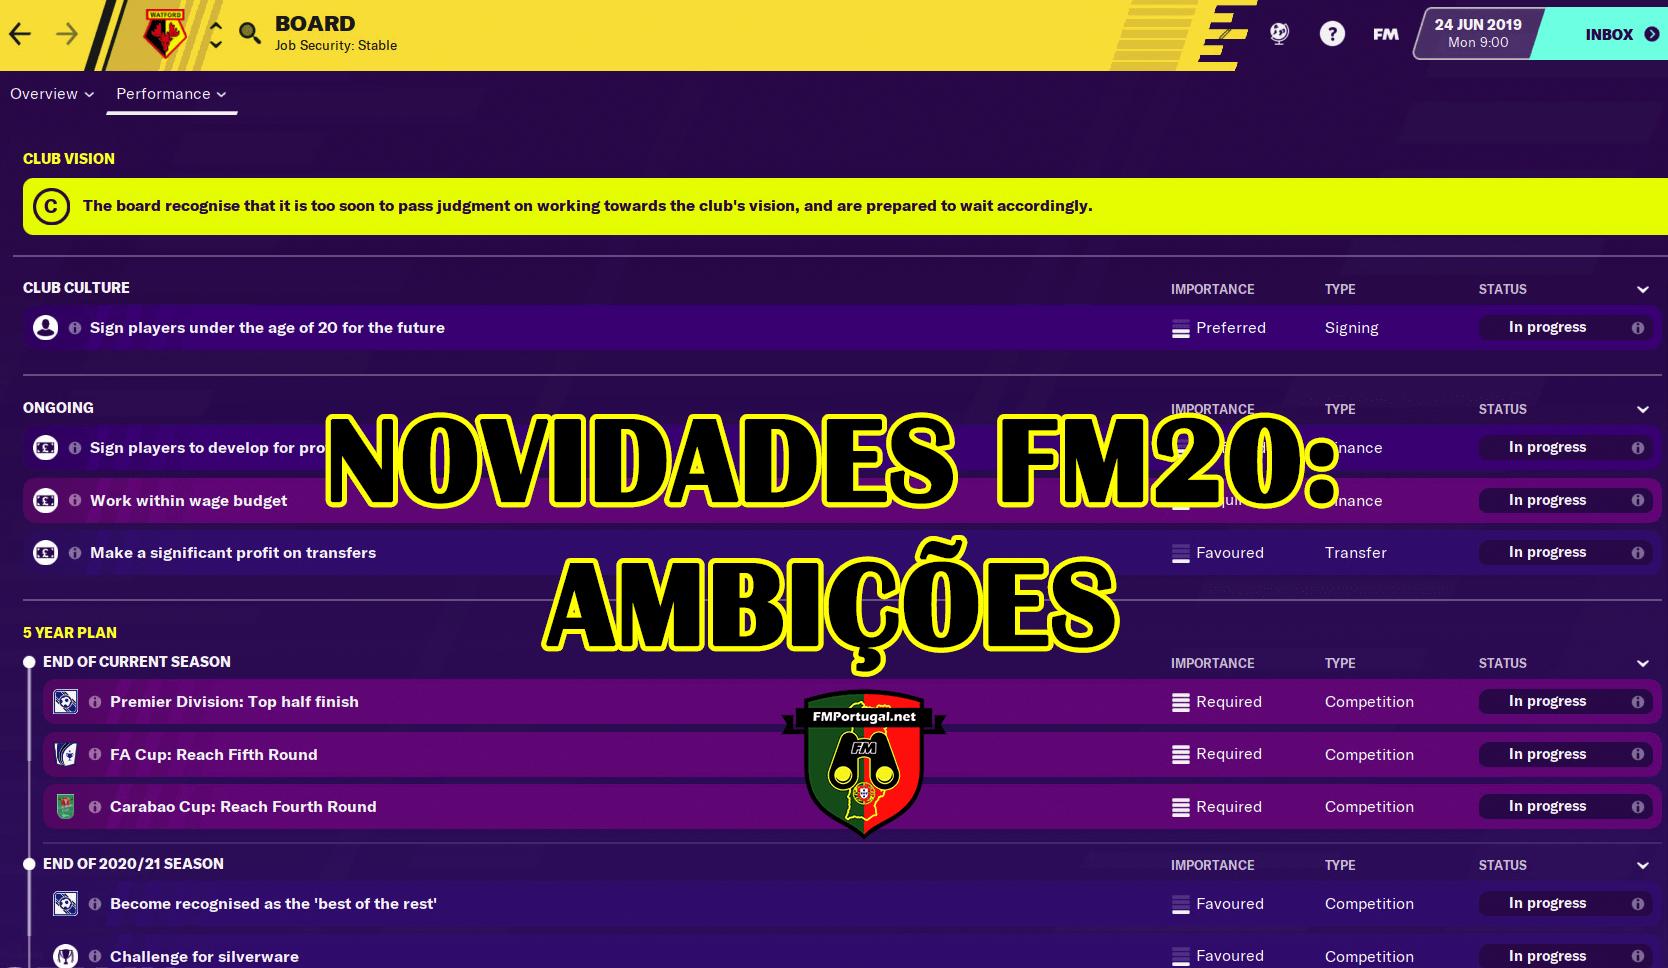 Novidades FM20: Ambições do clube